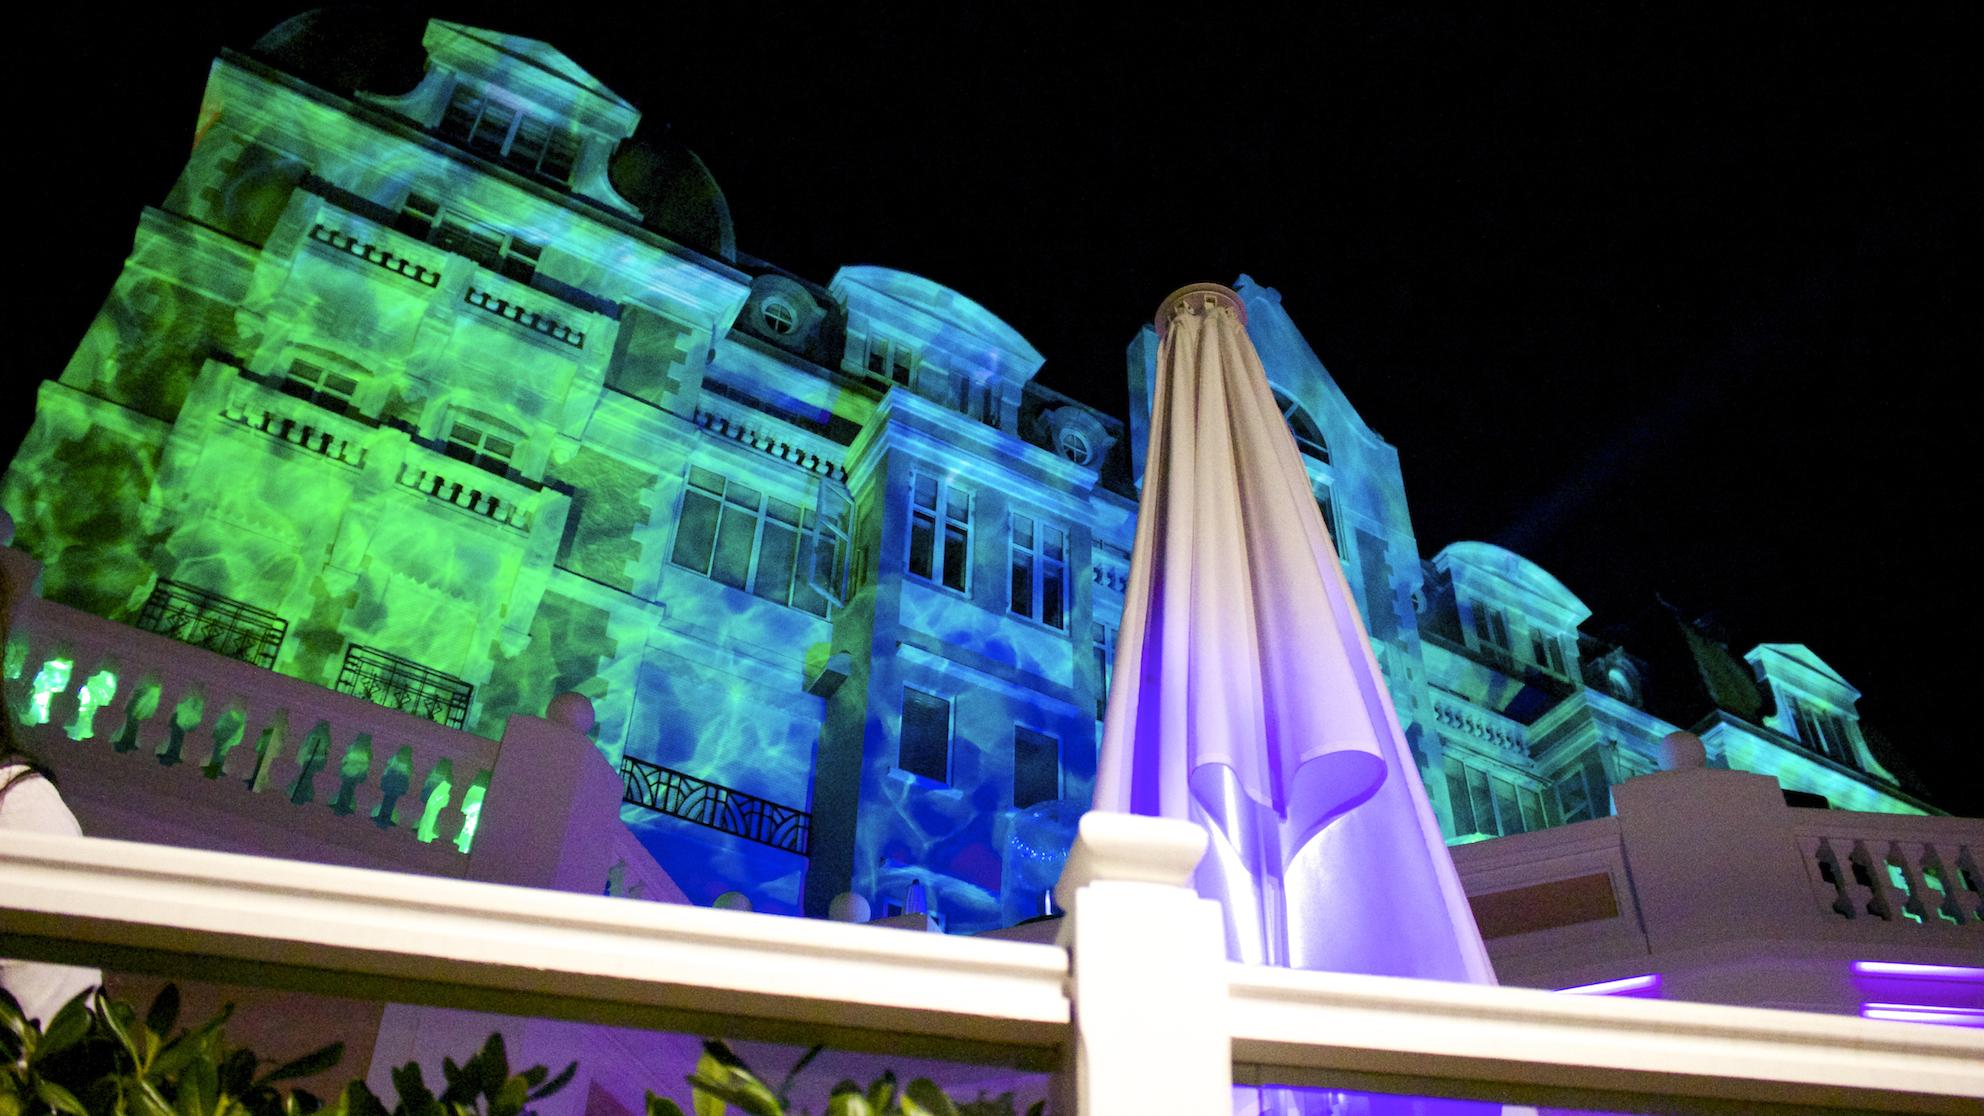 INAUGURATION-GRAND-HOTEL-saint-jean-de-luz-agence-evenementielle-pays-basque-le-cercle-evenements- 549